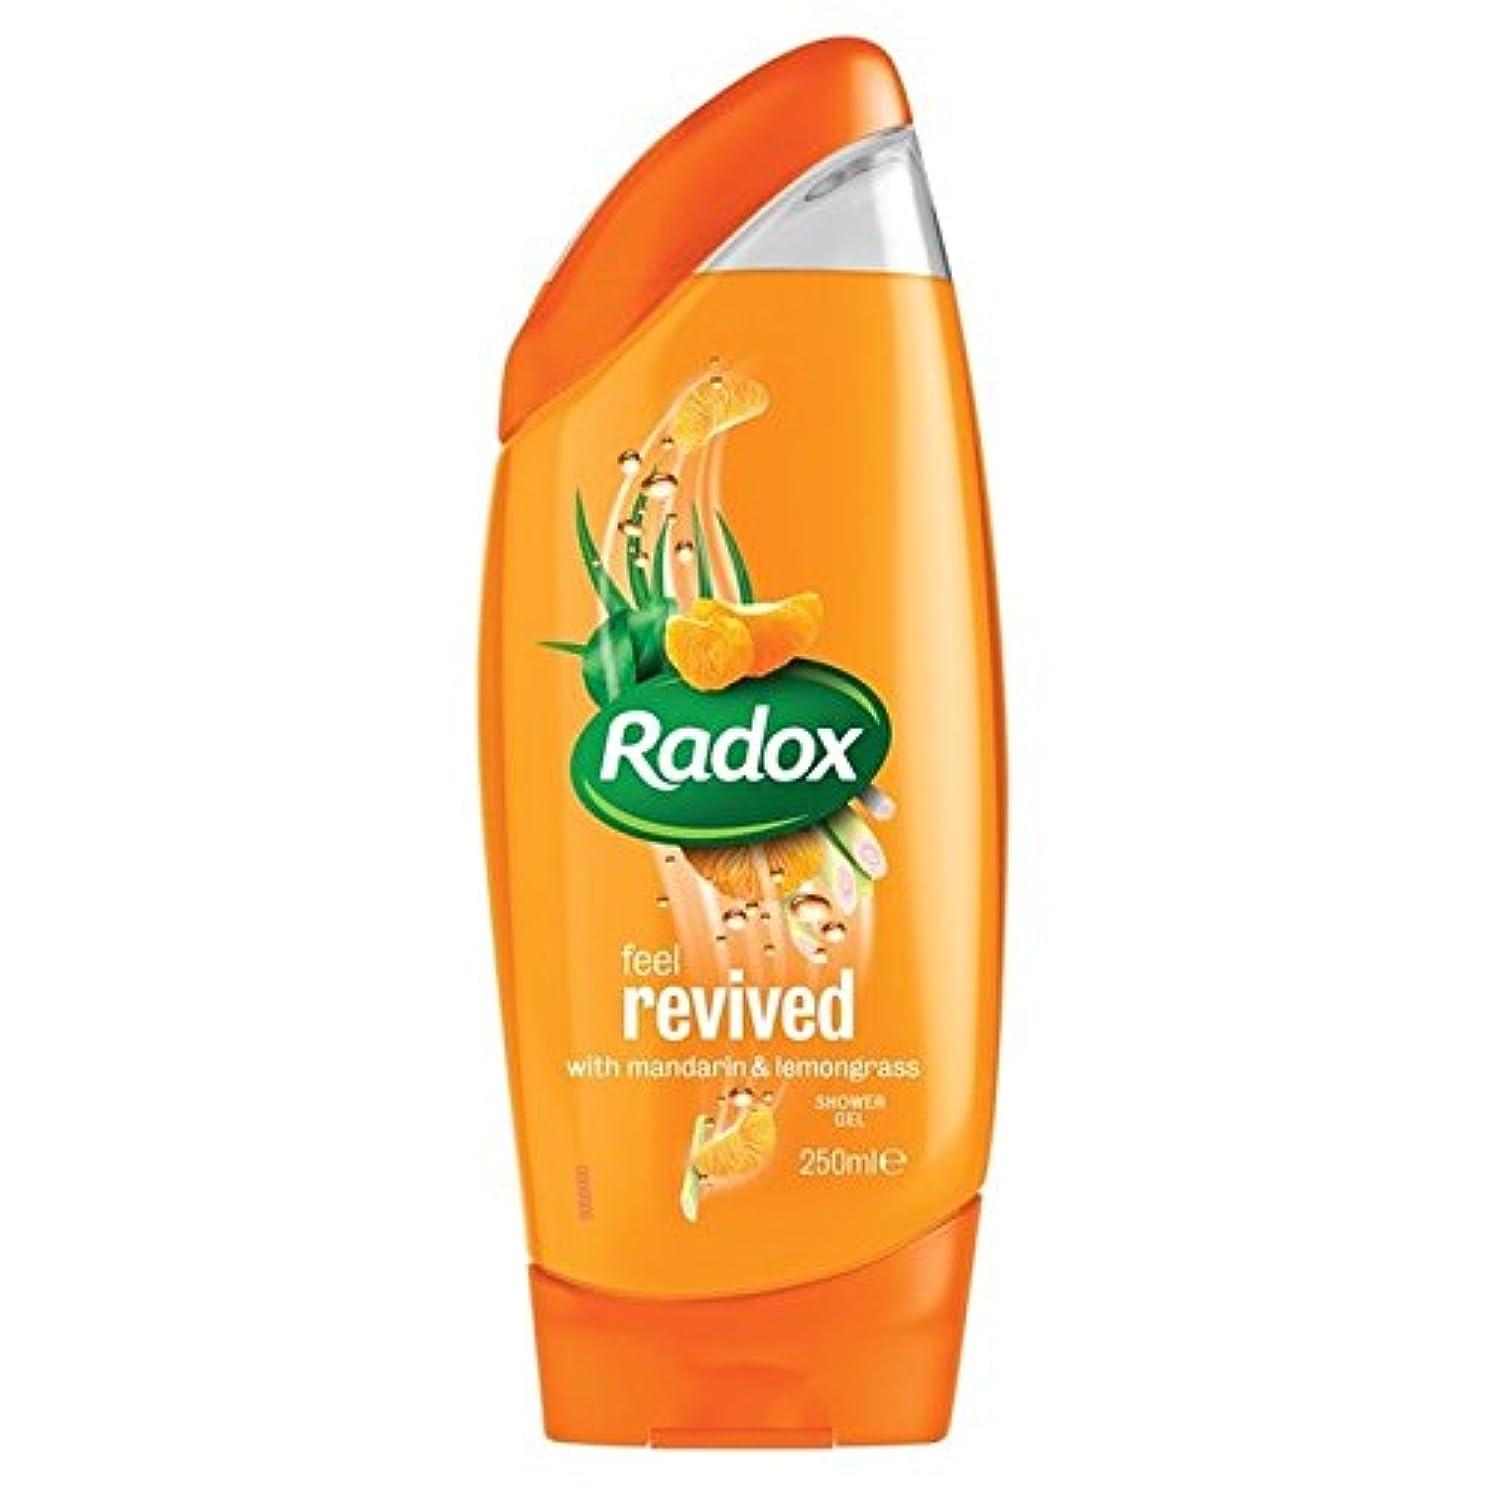 マニアック計り知れない本物のみかんは、シャワージェル250ミリリットルを復活させます x2 - Radox Mandarin Revive Shower Gel 250ml (Pack of 2) [並行輸入品]